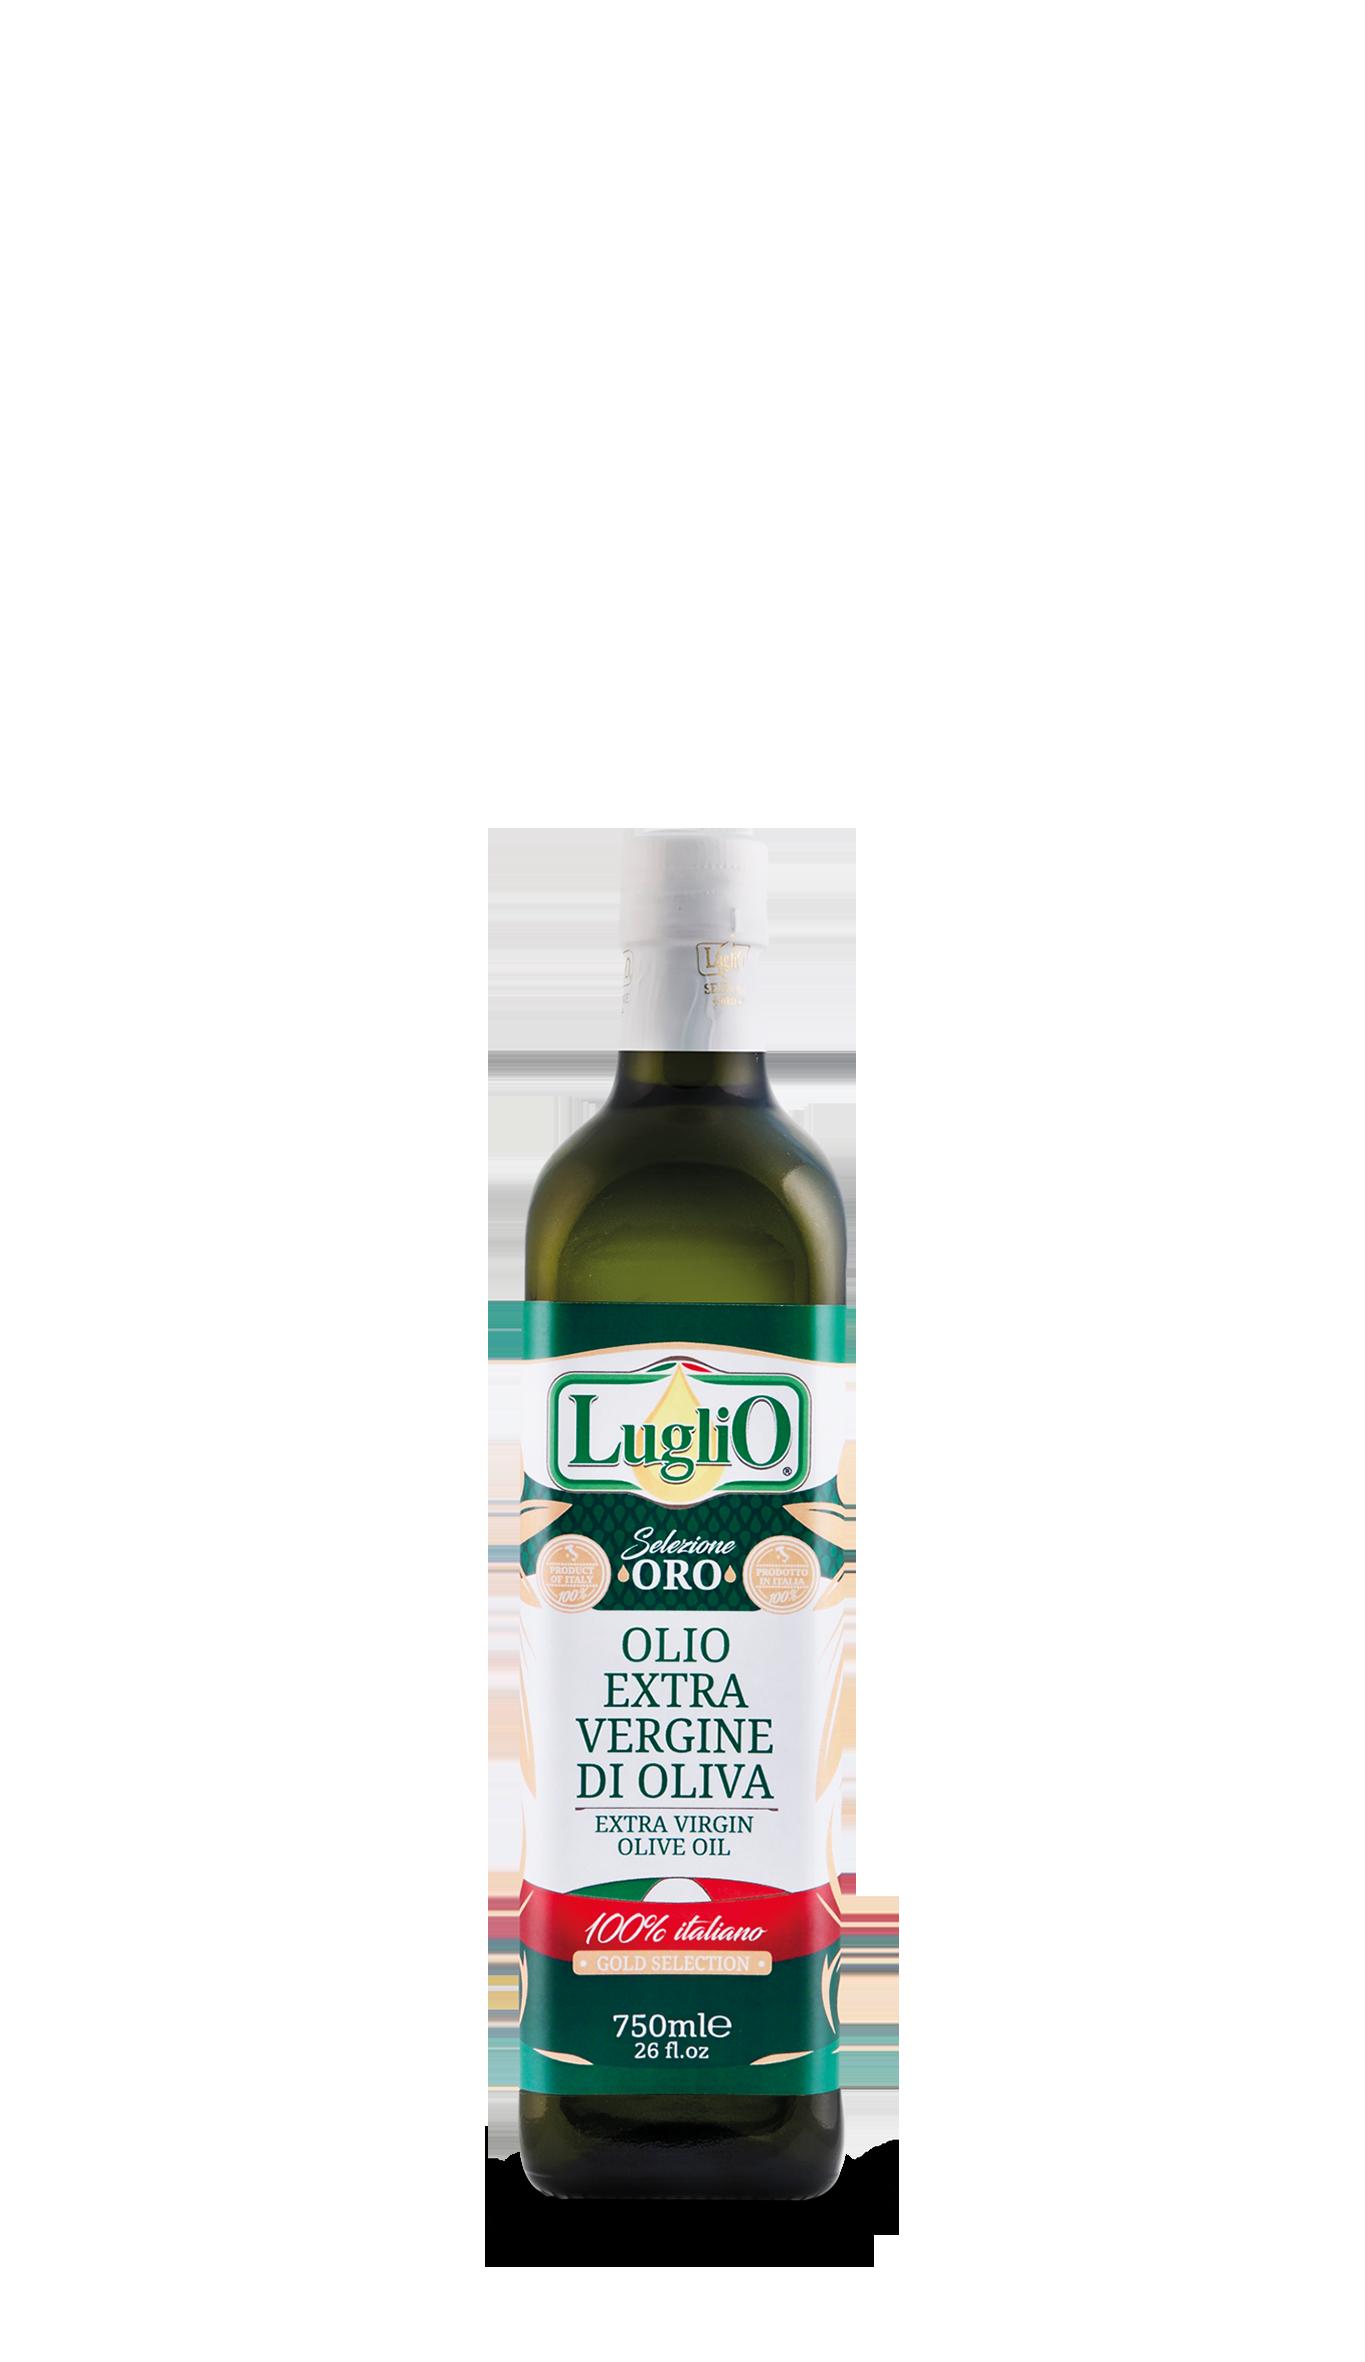 Olio Luglio Selezione ORO 750ml in bottiglia di vetro